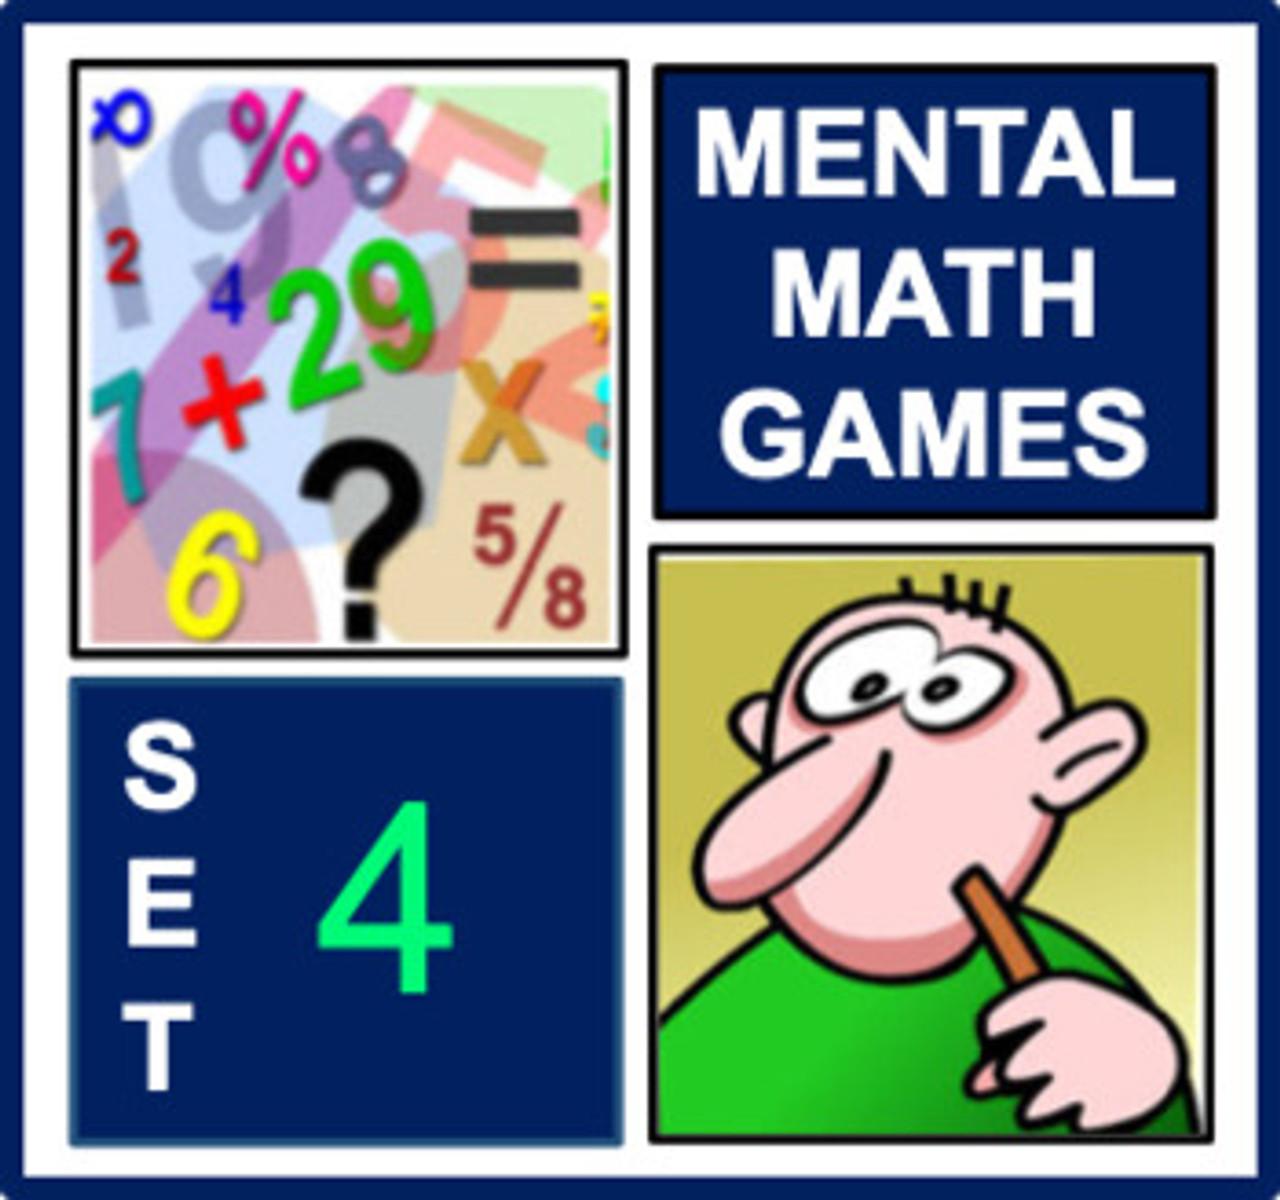 Mental Math Games 4